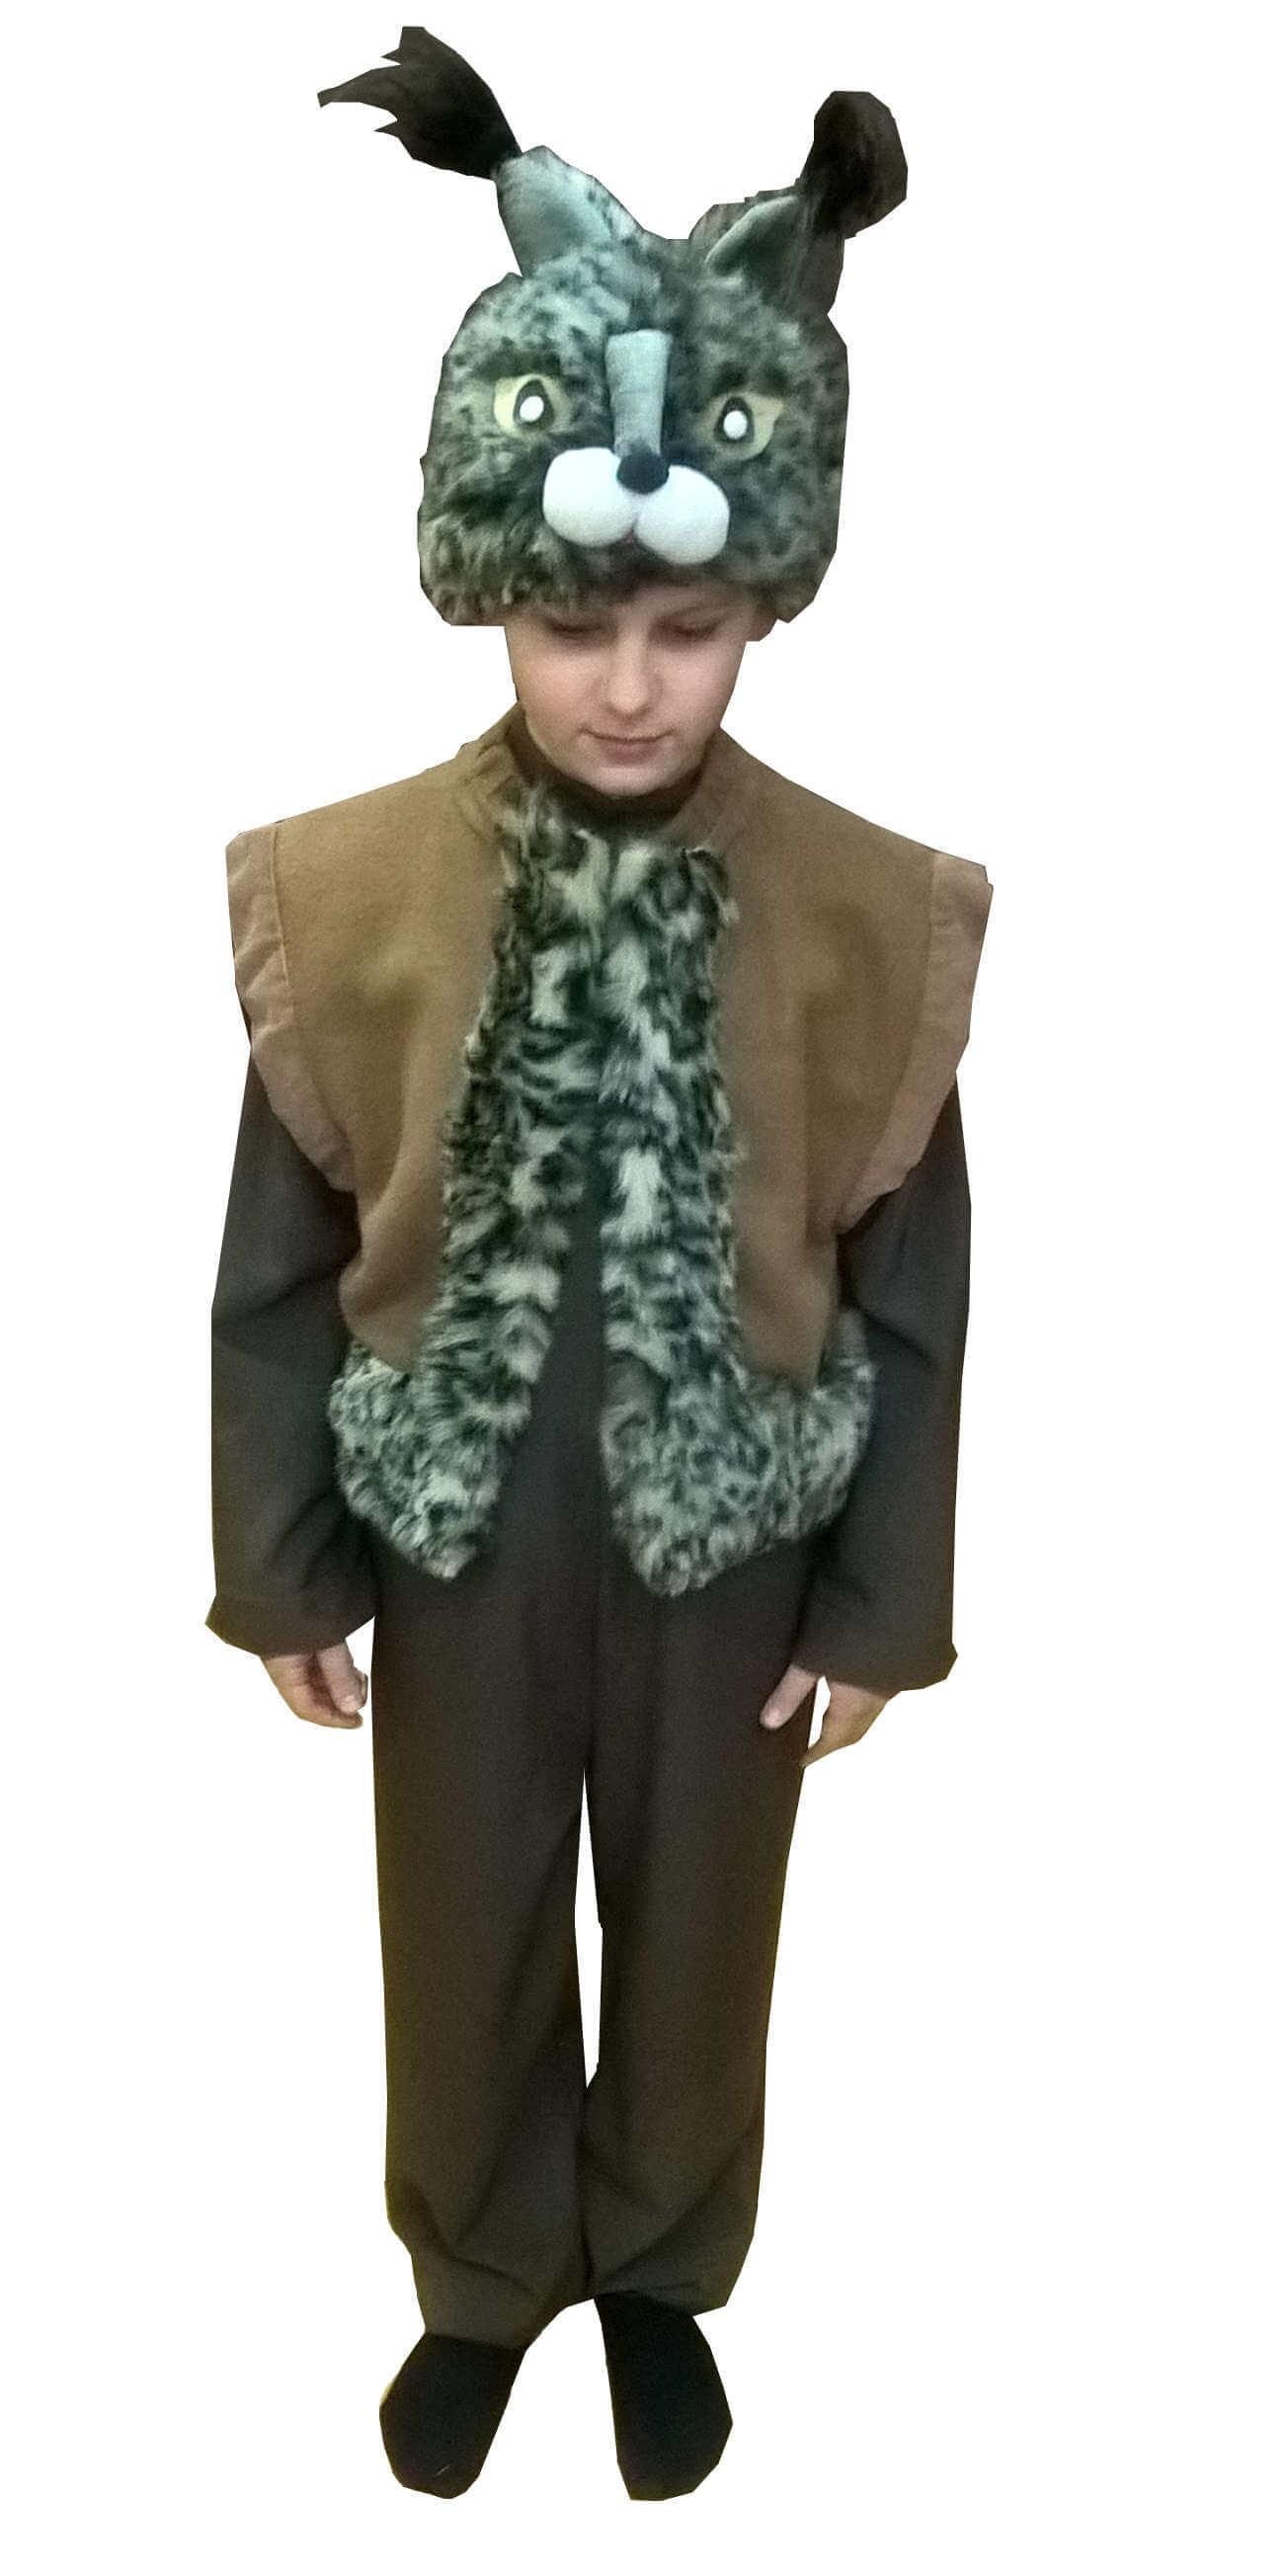 костюм рыси. Lūšies kostiumas. Gyvunų karnavaliniai kostiumai. Karnavaliniu kostiumu nuoma vaikams Vilniuje - pasakunamai.lt